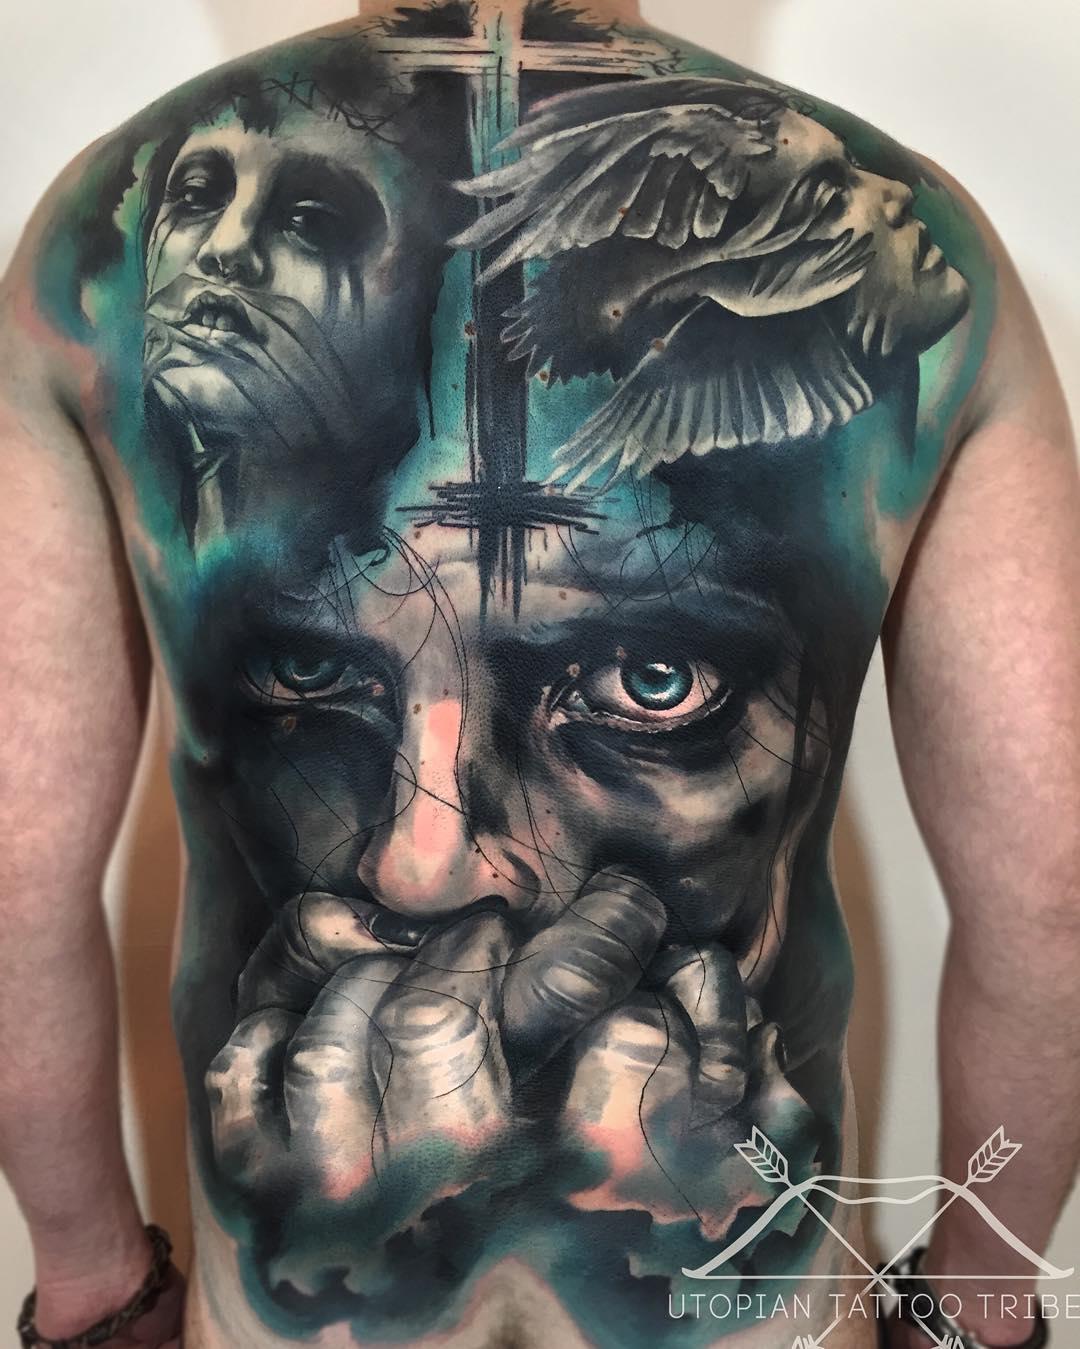 20+ Evil Tattoos On Full Back